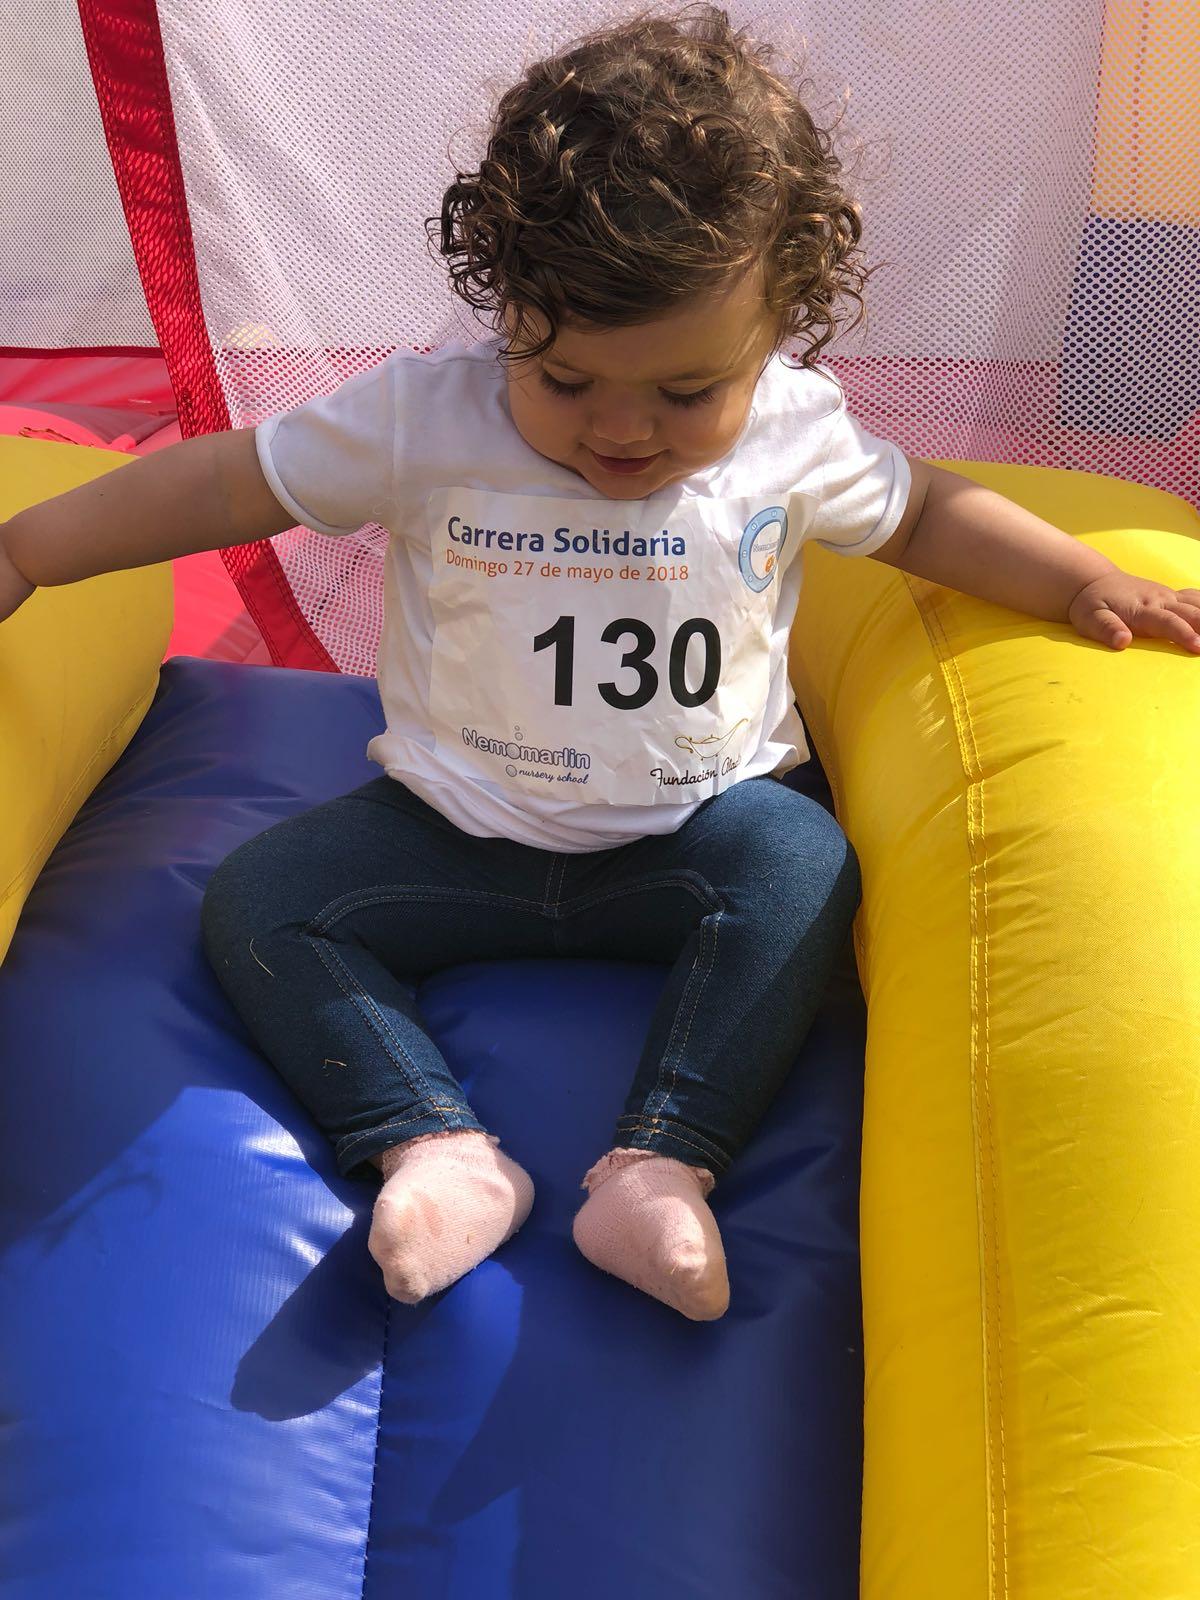 niña jugando evento carrera solidaria escuelas infantiles nemomarlin